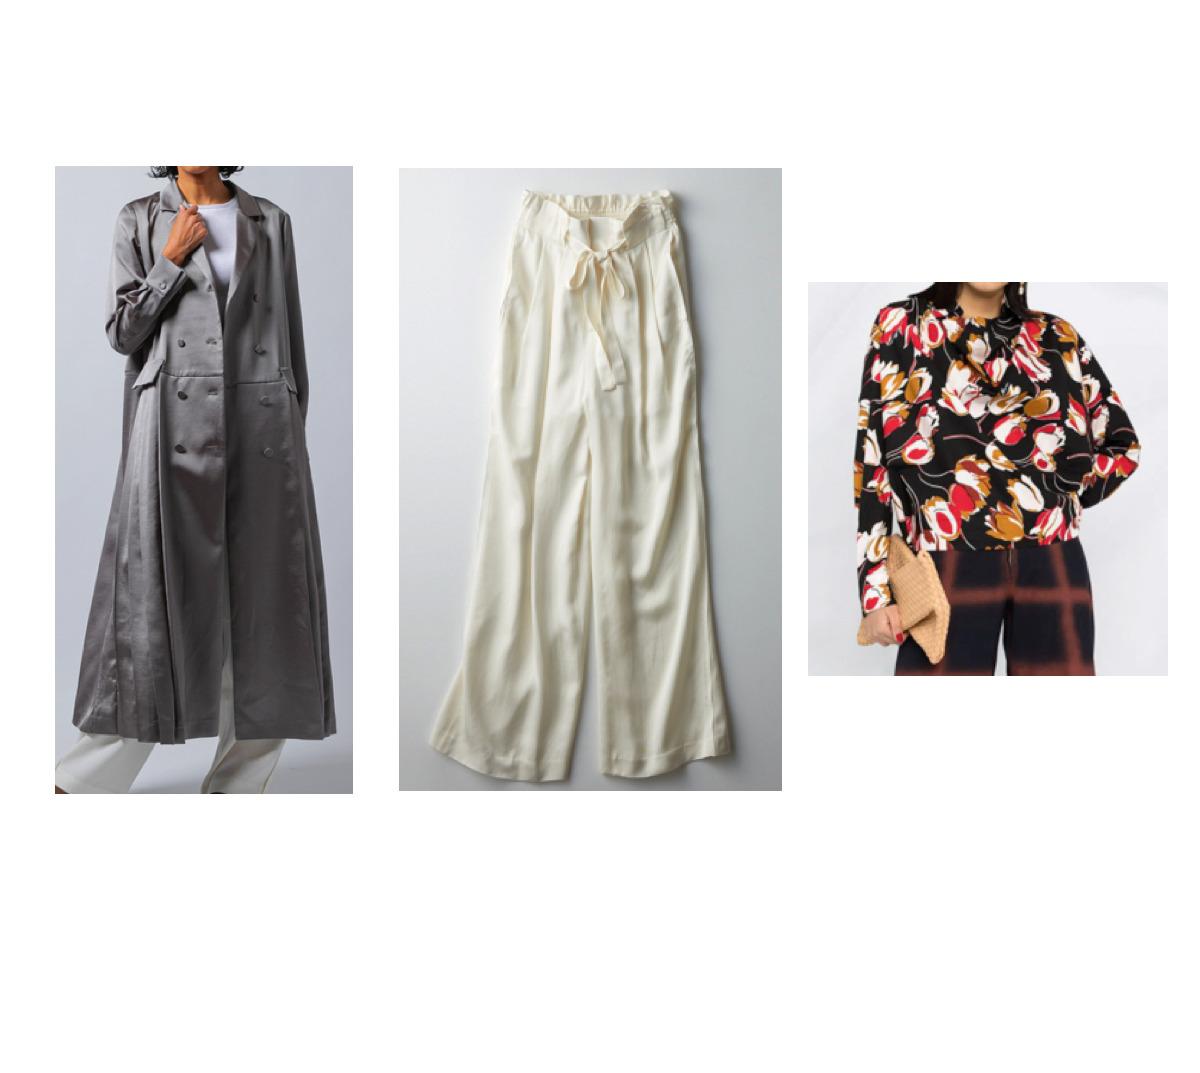 【笑ってコラえて】米倉涼子 衣装・ファッション(服・アクセ・バッグ・靴・小道具など)ブランド紹介♪【笑ってコラえて】で米倉涼子(よねくら りょうこ)さんが着用している衣装・ファッション・ブランド紹介♪